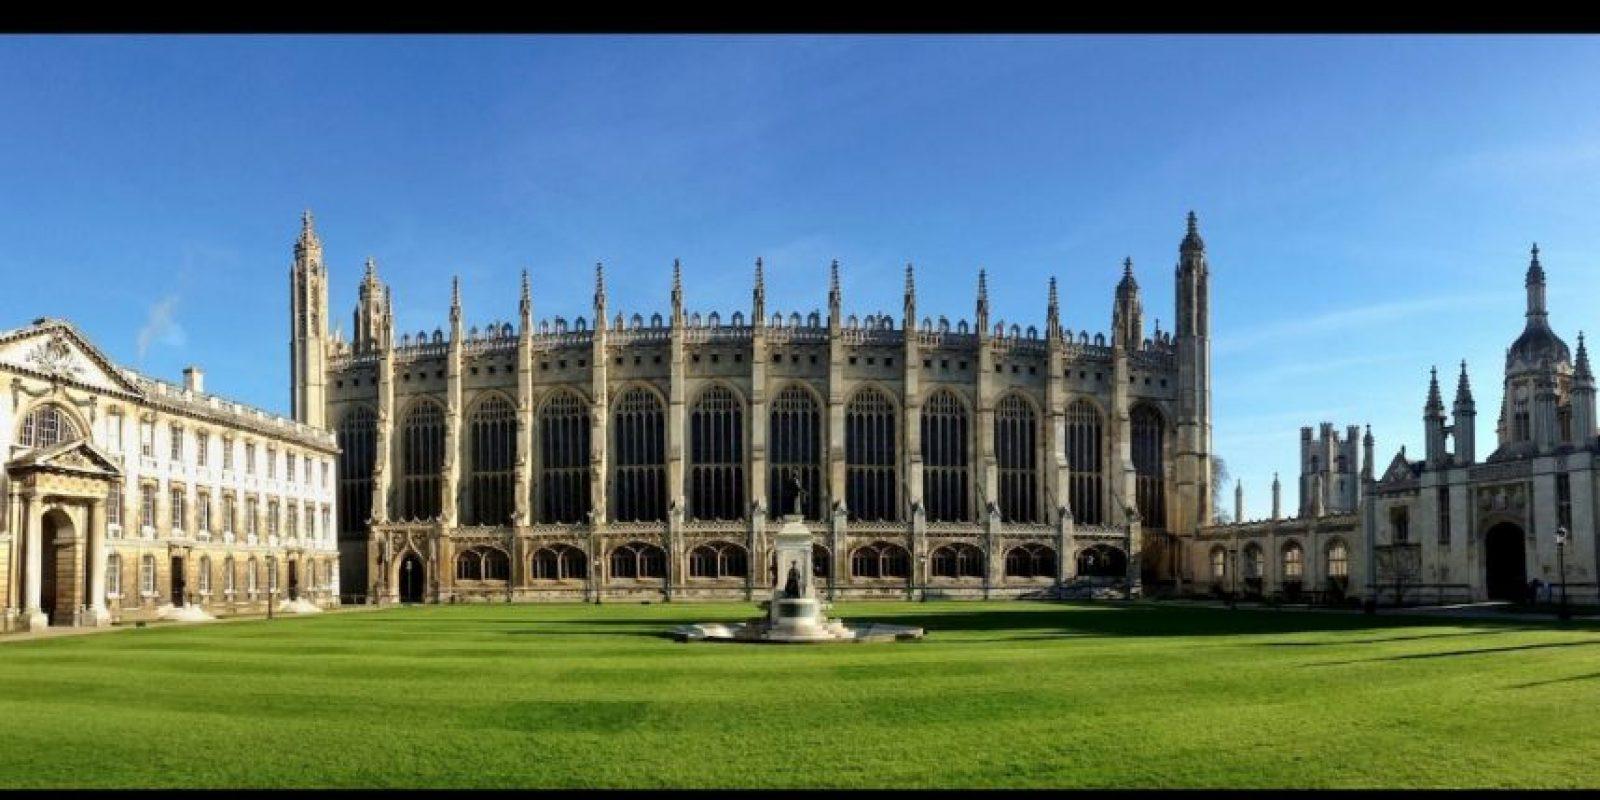 Es una universidad británica situada en la ciudad de Cambridge Foto:facebook.com/cambridge.university/